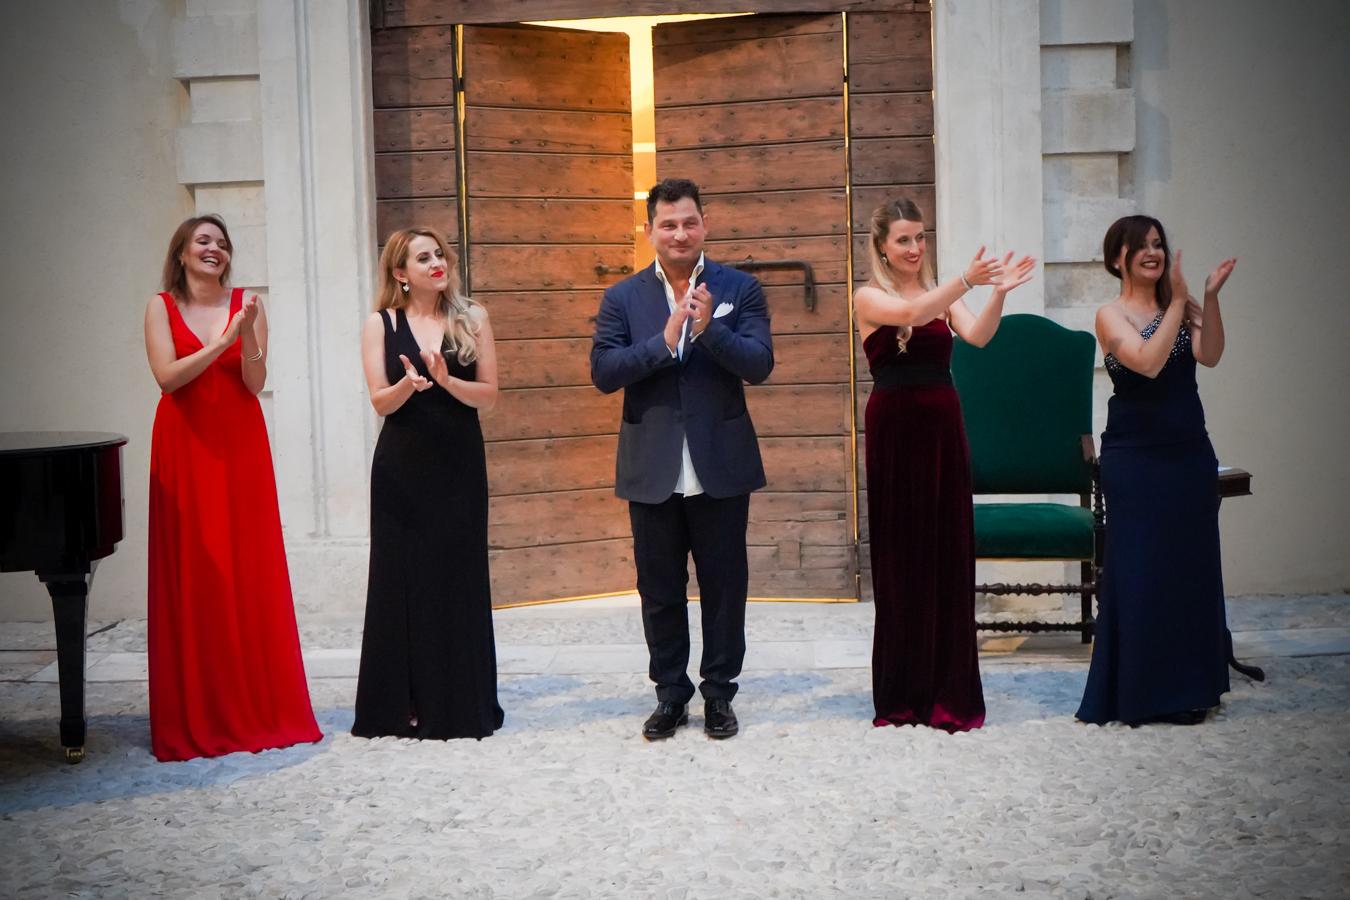 Tagliacozzo Festival inaugura a palazzo Pica Alfieri. Prima serata dedicata a Dante Alighieri